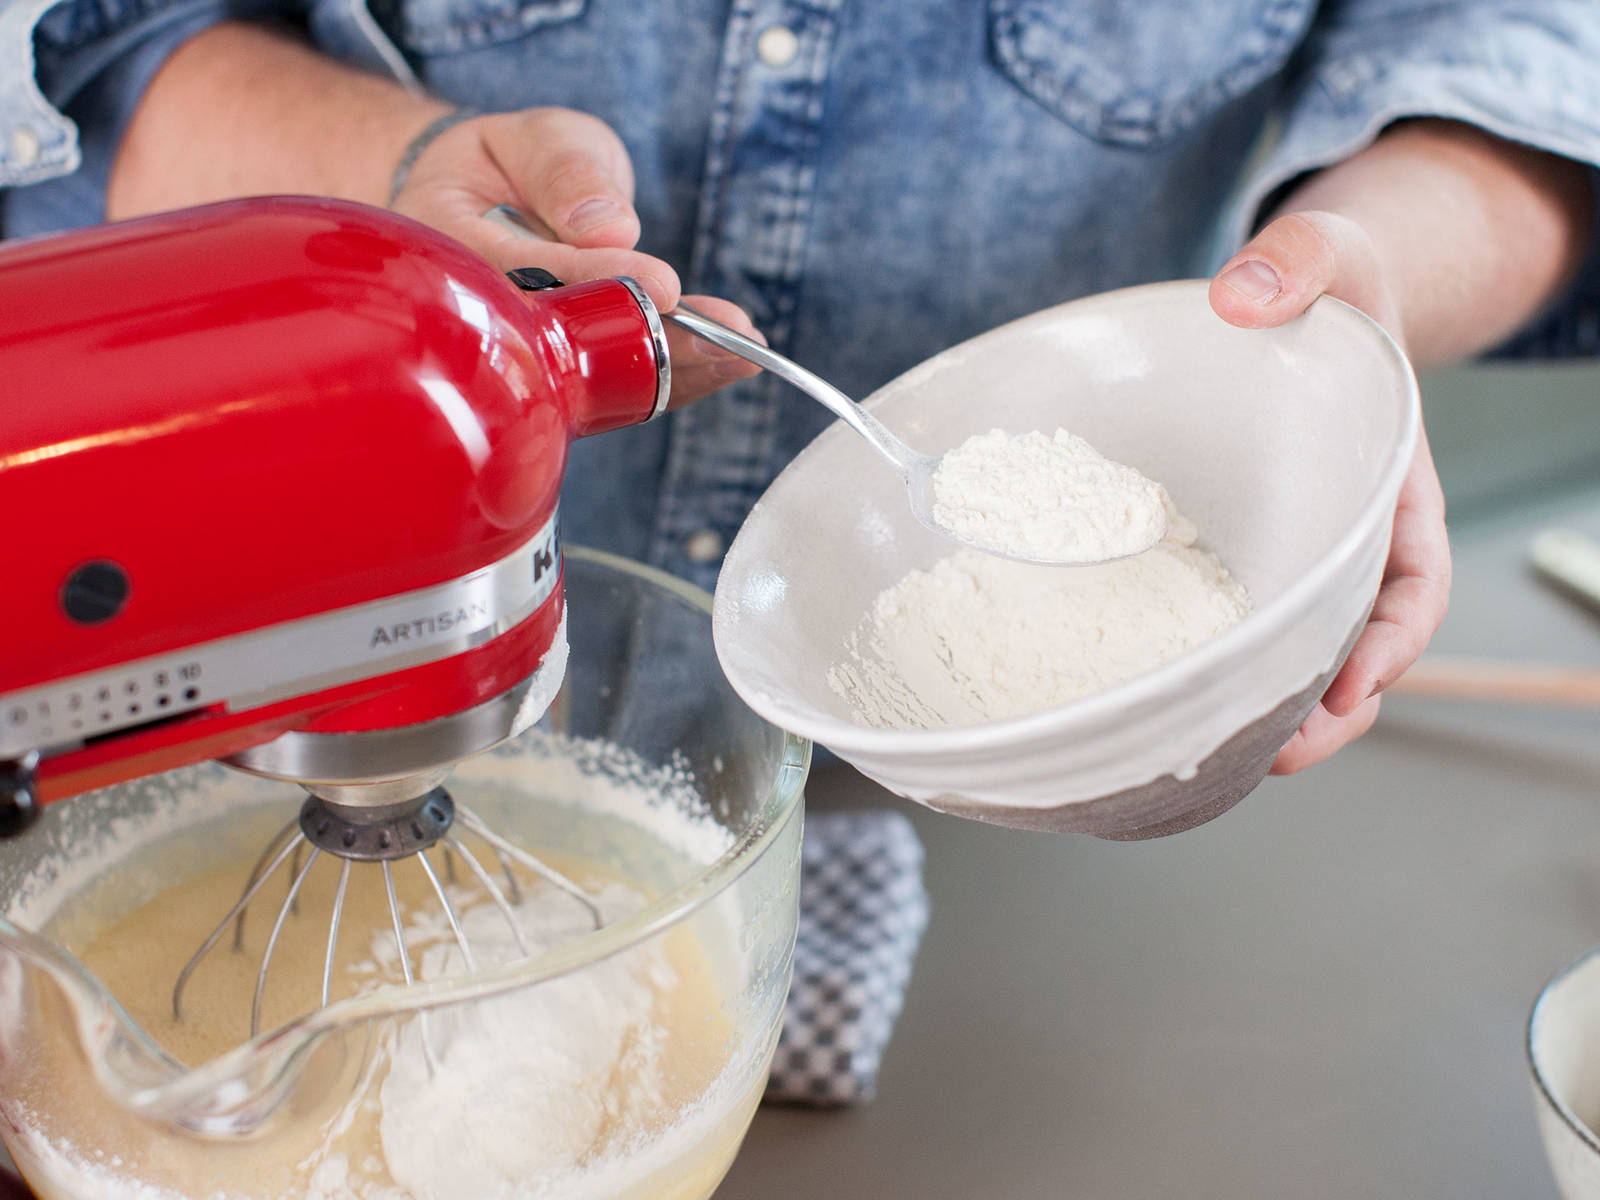 在小锅中融化黄油。将糖与融化后的黄油加入立式搅拌机中,搅拌2-3分钟至混合均匀,加入香草浓浆。向正在运转中的搅拌机中逐个加入鸡蛋,并搅拌均匀。将搅拌机调至低速,逐步加入面粉与牛奶,搅拌至混合即可。